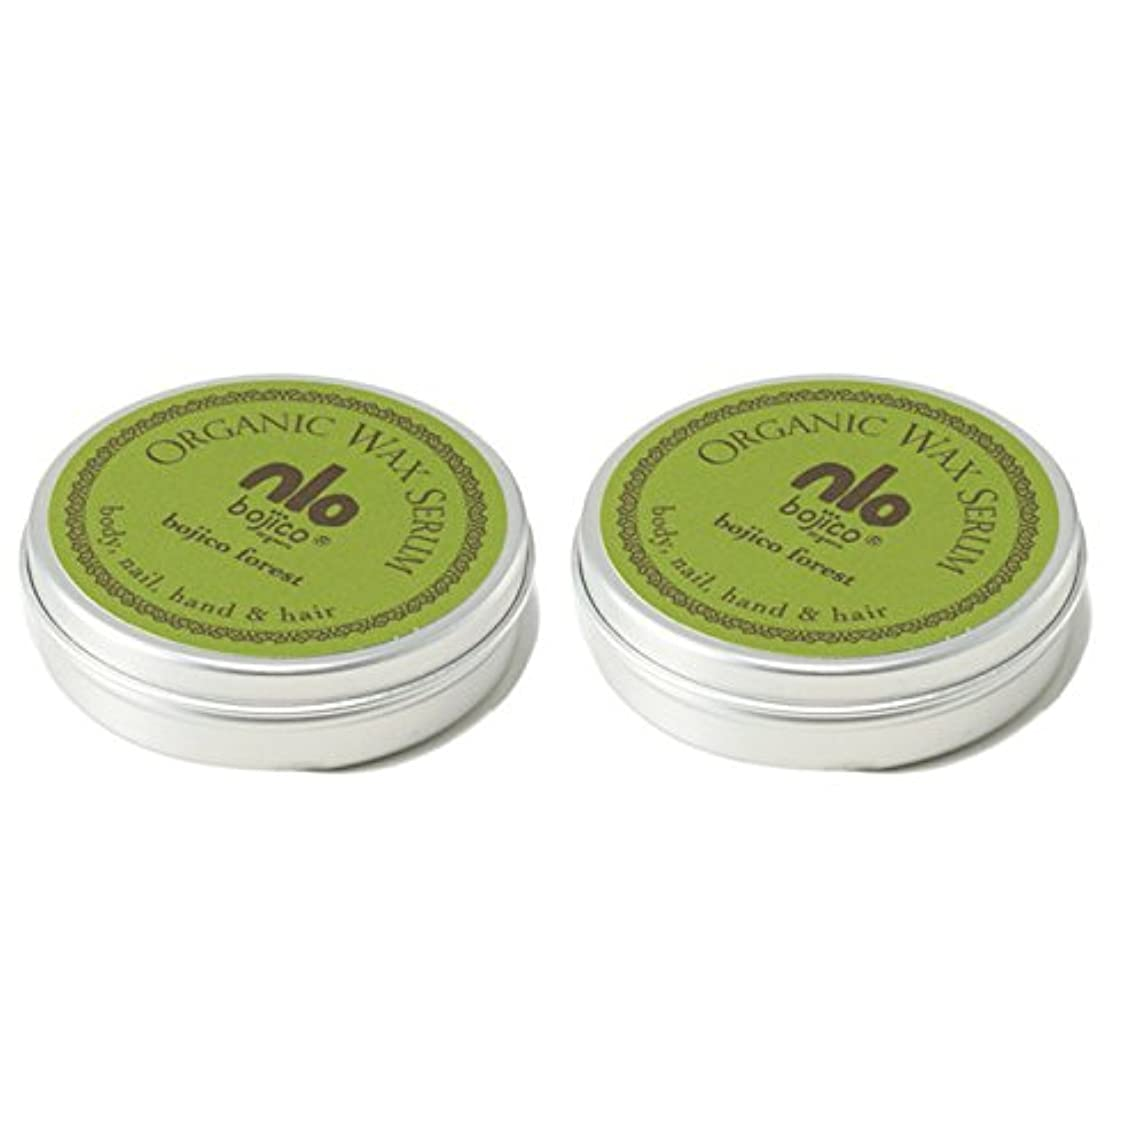 牽引スクリュー腹【40g×2個セット】 ボジコ オーガニック ワックス セラム <フォレスト> bojico Organic Wax Serum 40g×2